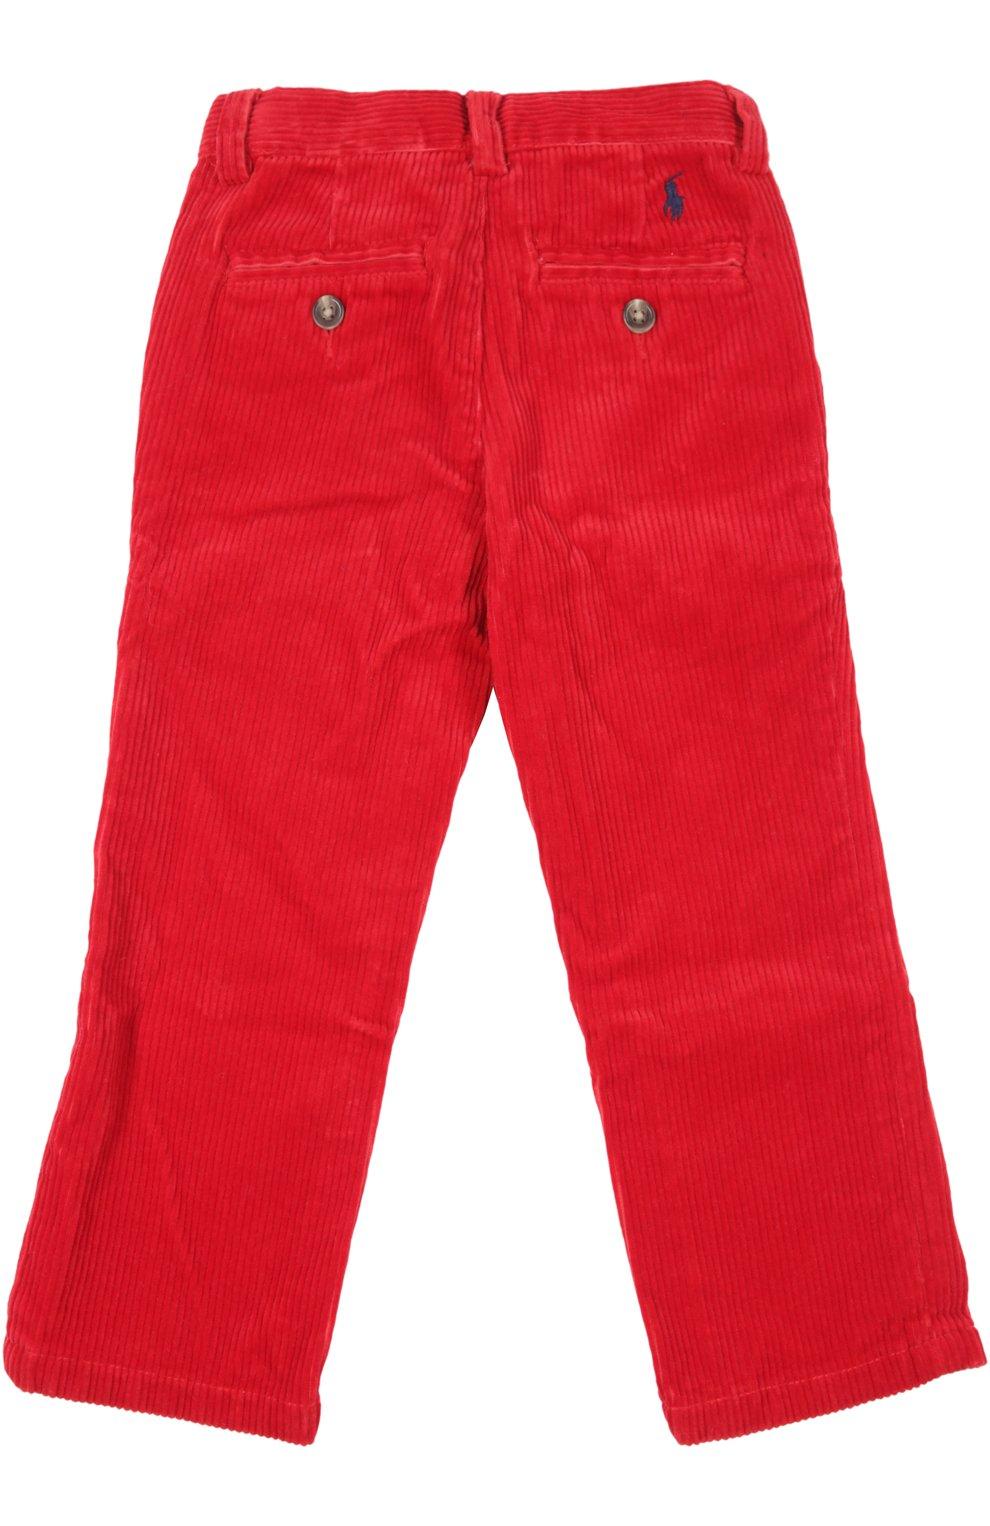 Купить вельветовые брюки с доставкой